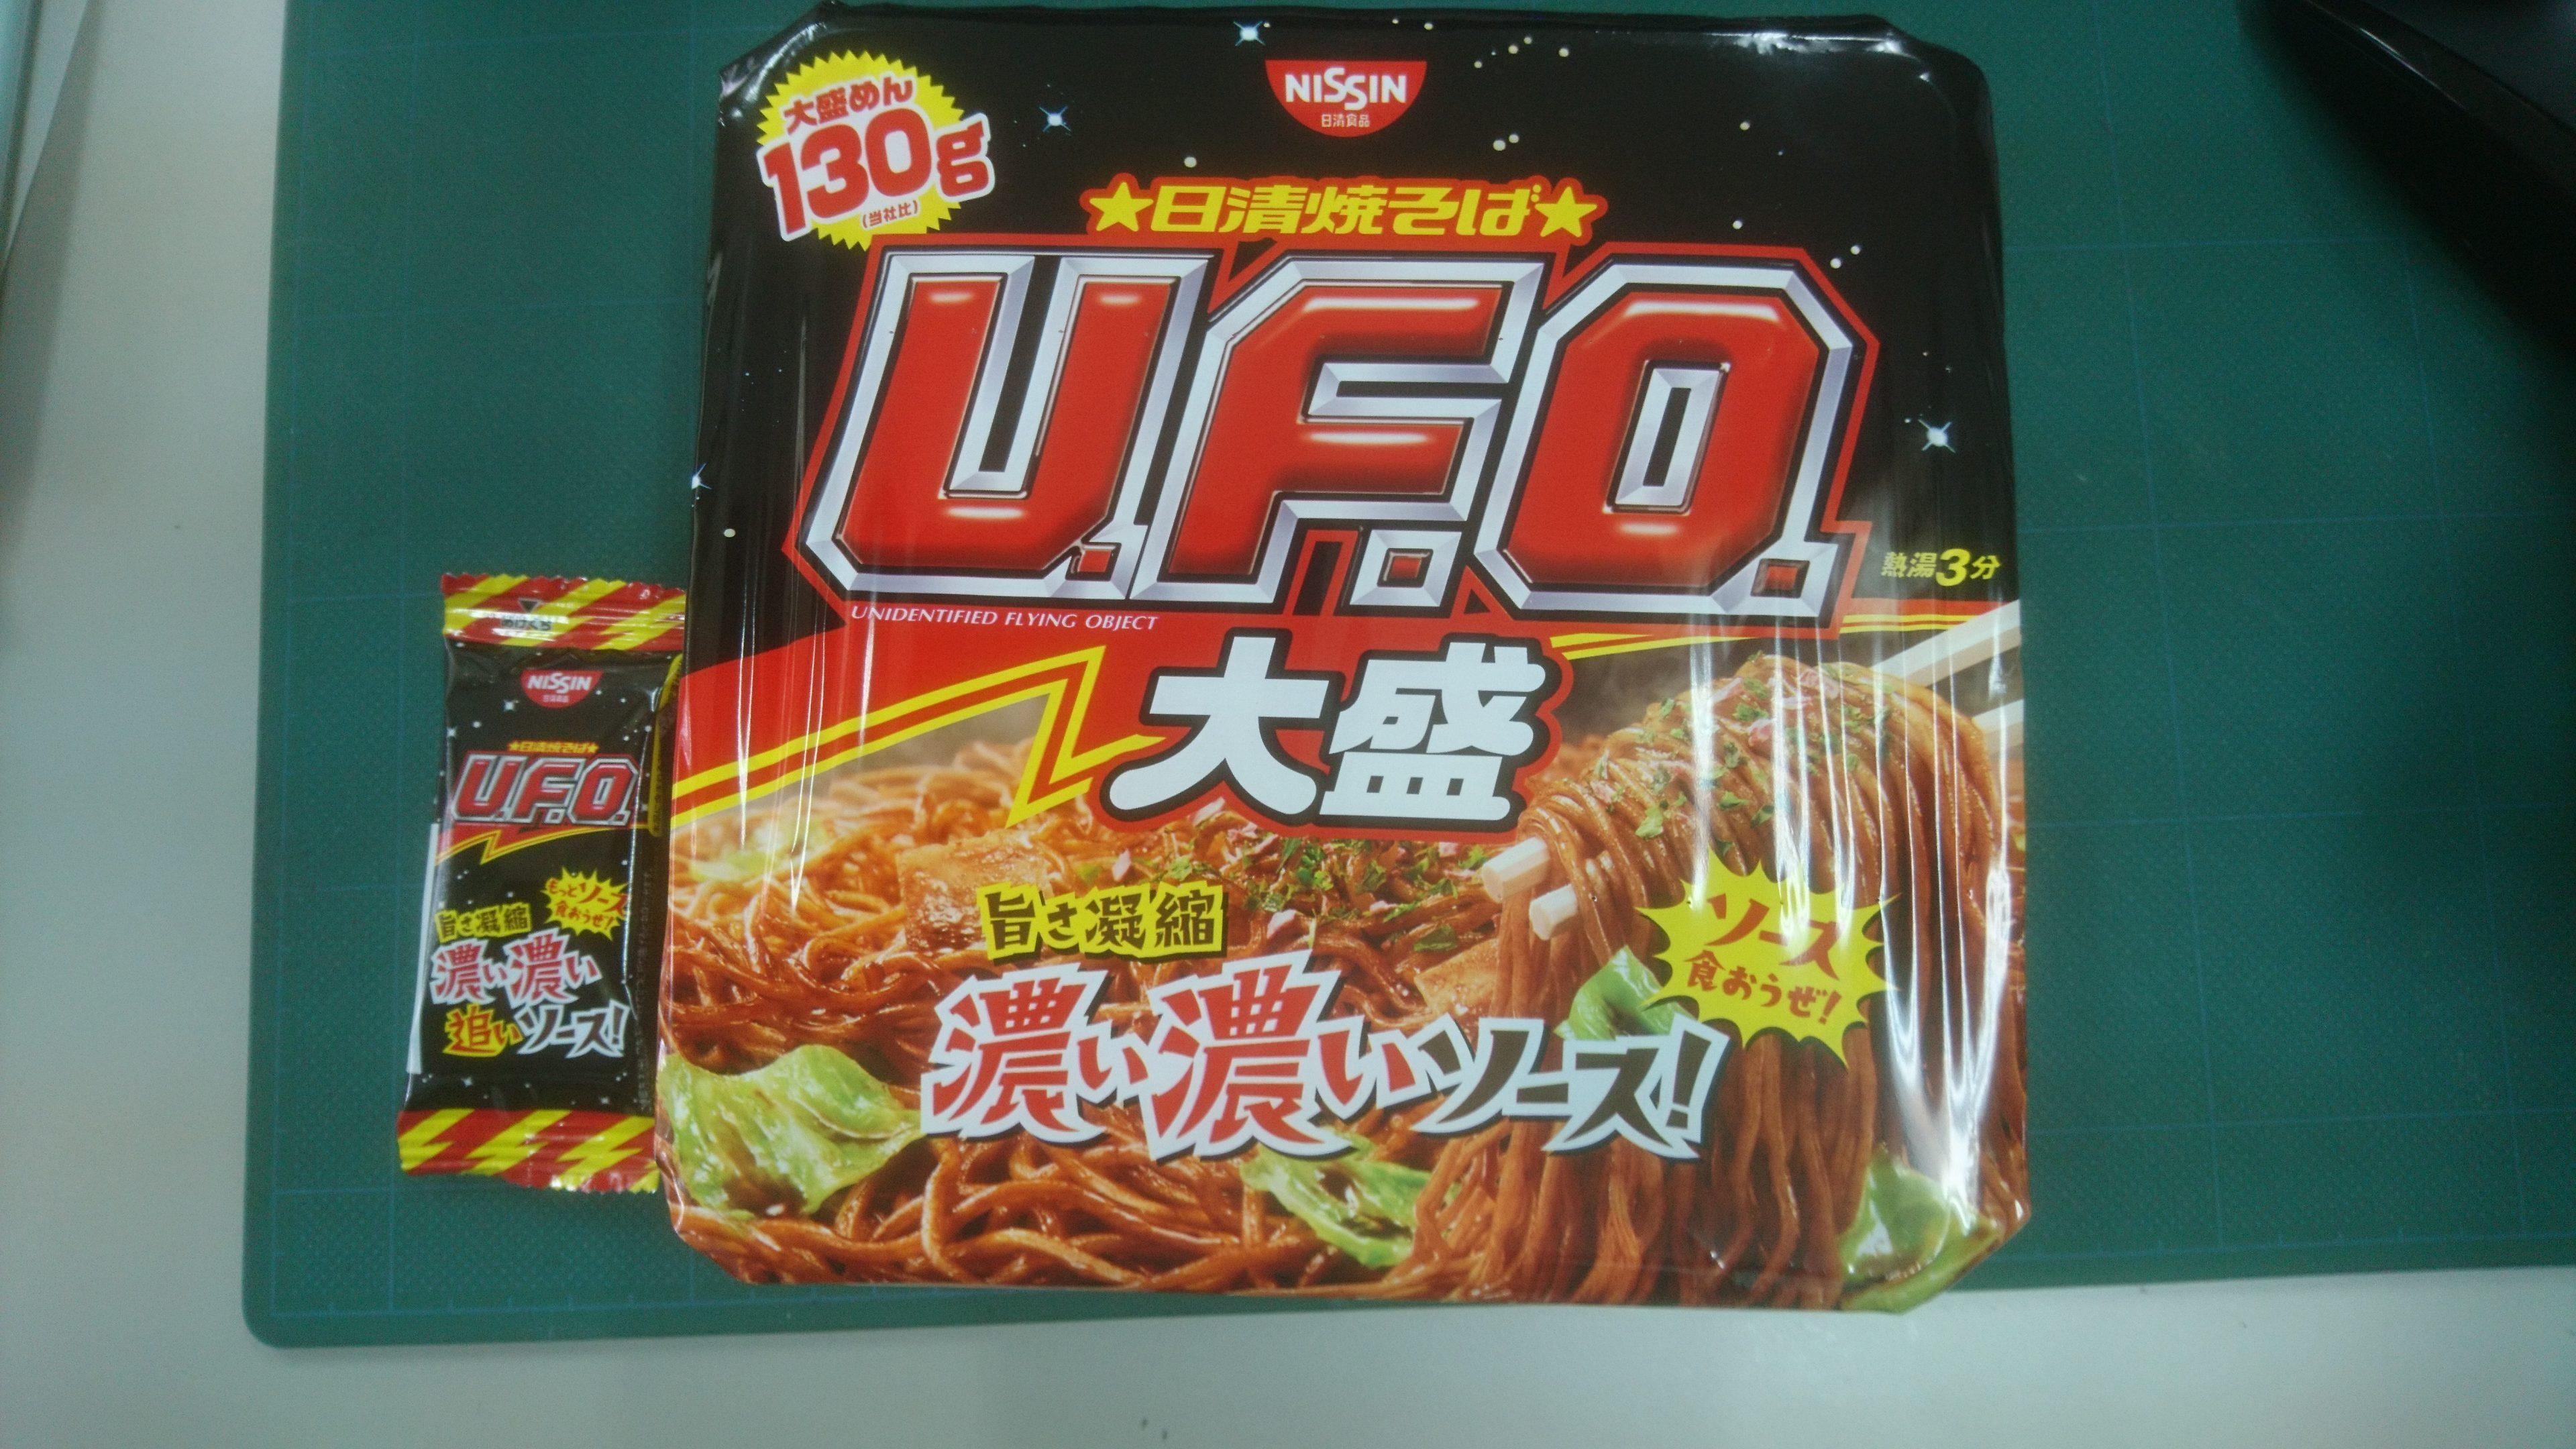 セブン限定イベント UFO焼きそば「濃い濃い追いソース」プレゼント GETして使ってみたよ。